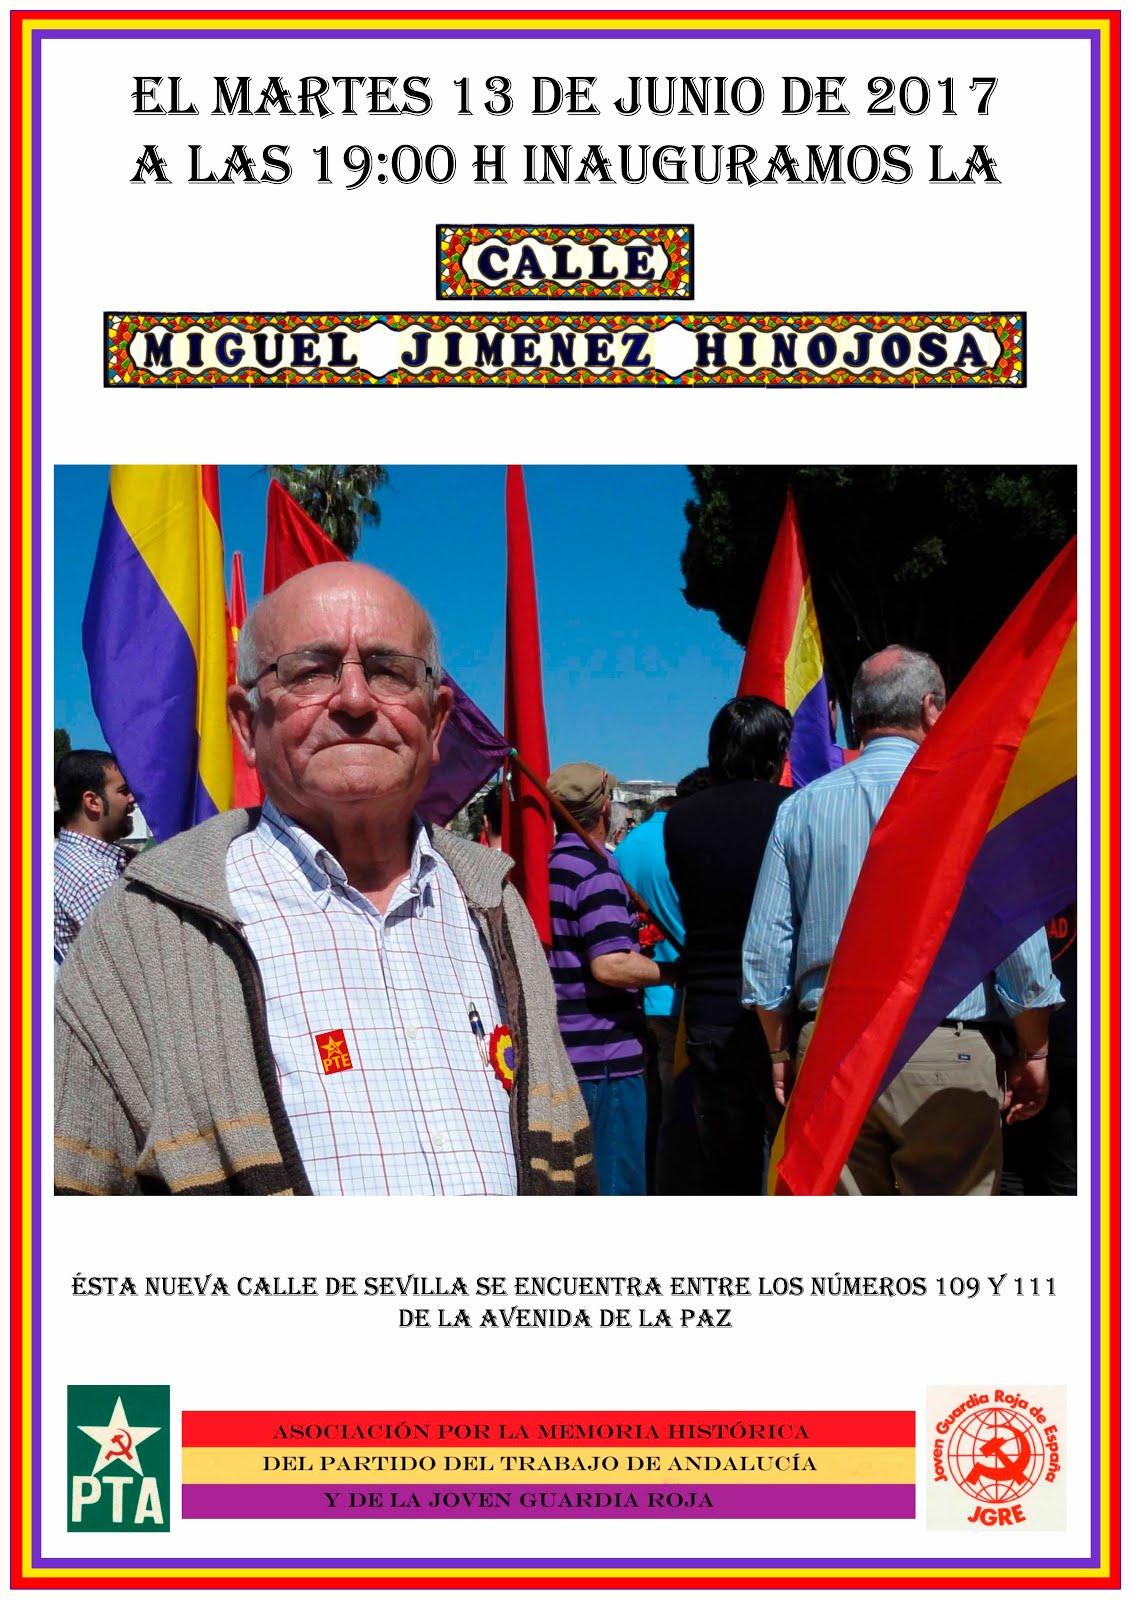 INAUGURACIÓN DE LA CALLE MIGUEL JIMÉNEZ HINOJOSA en Sevilla,el martes 17 de junio,a las 19H.